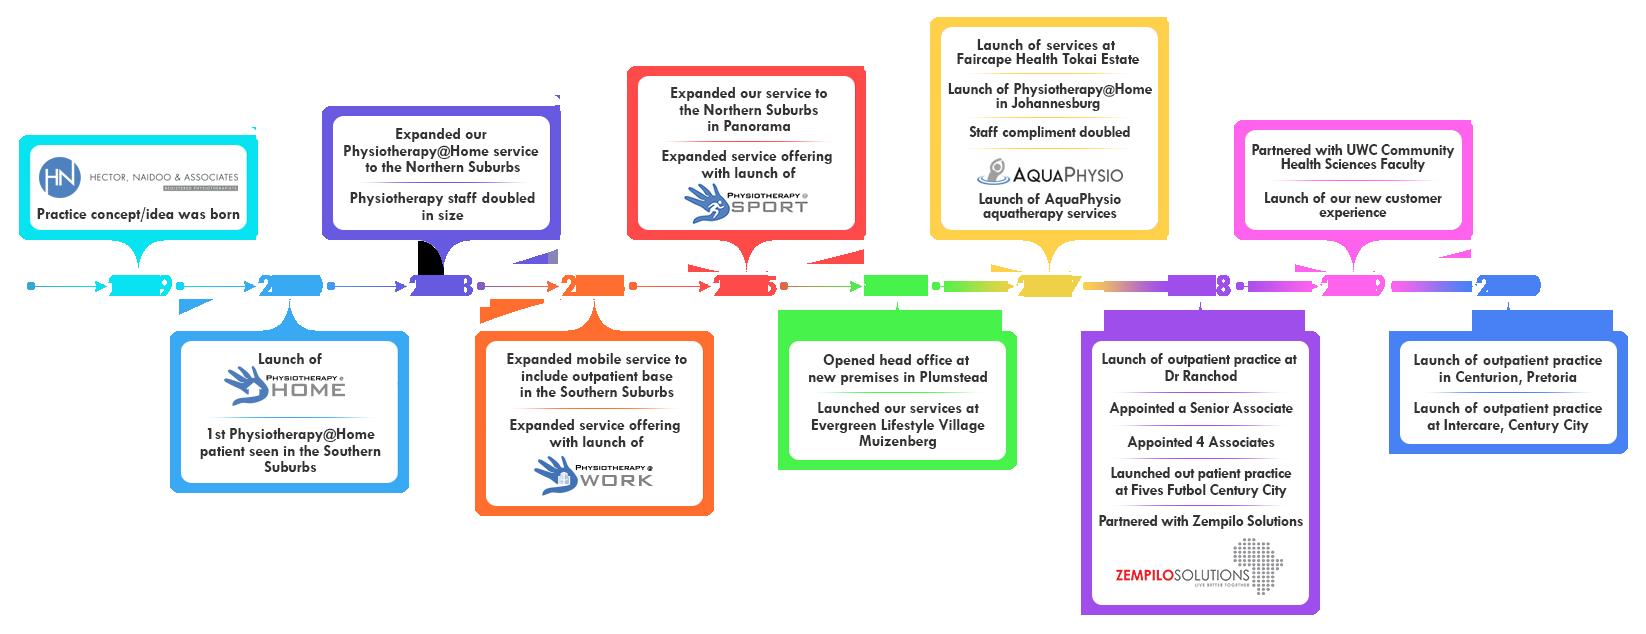 HNA-Timeline-2021